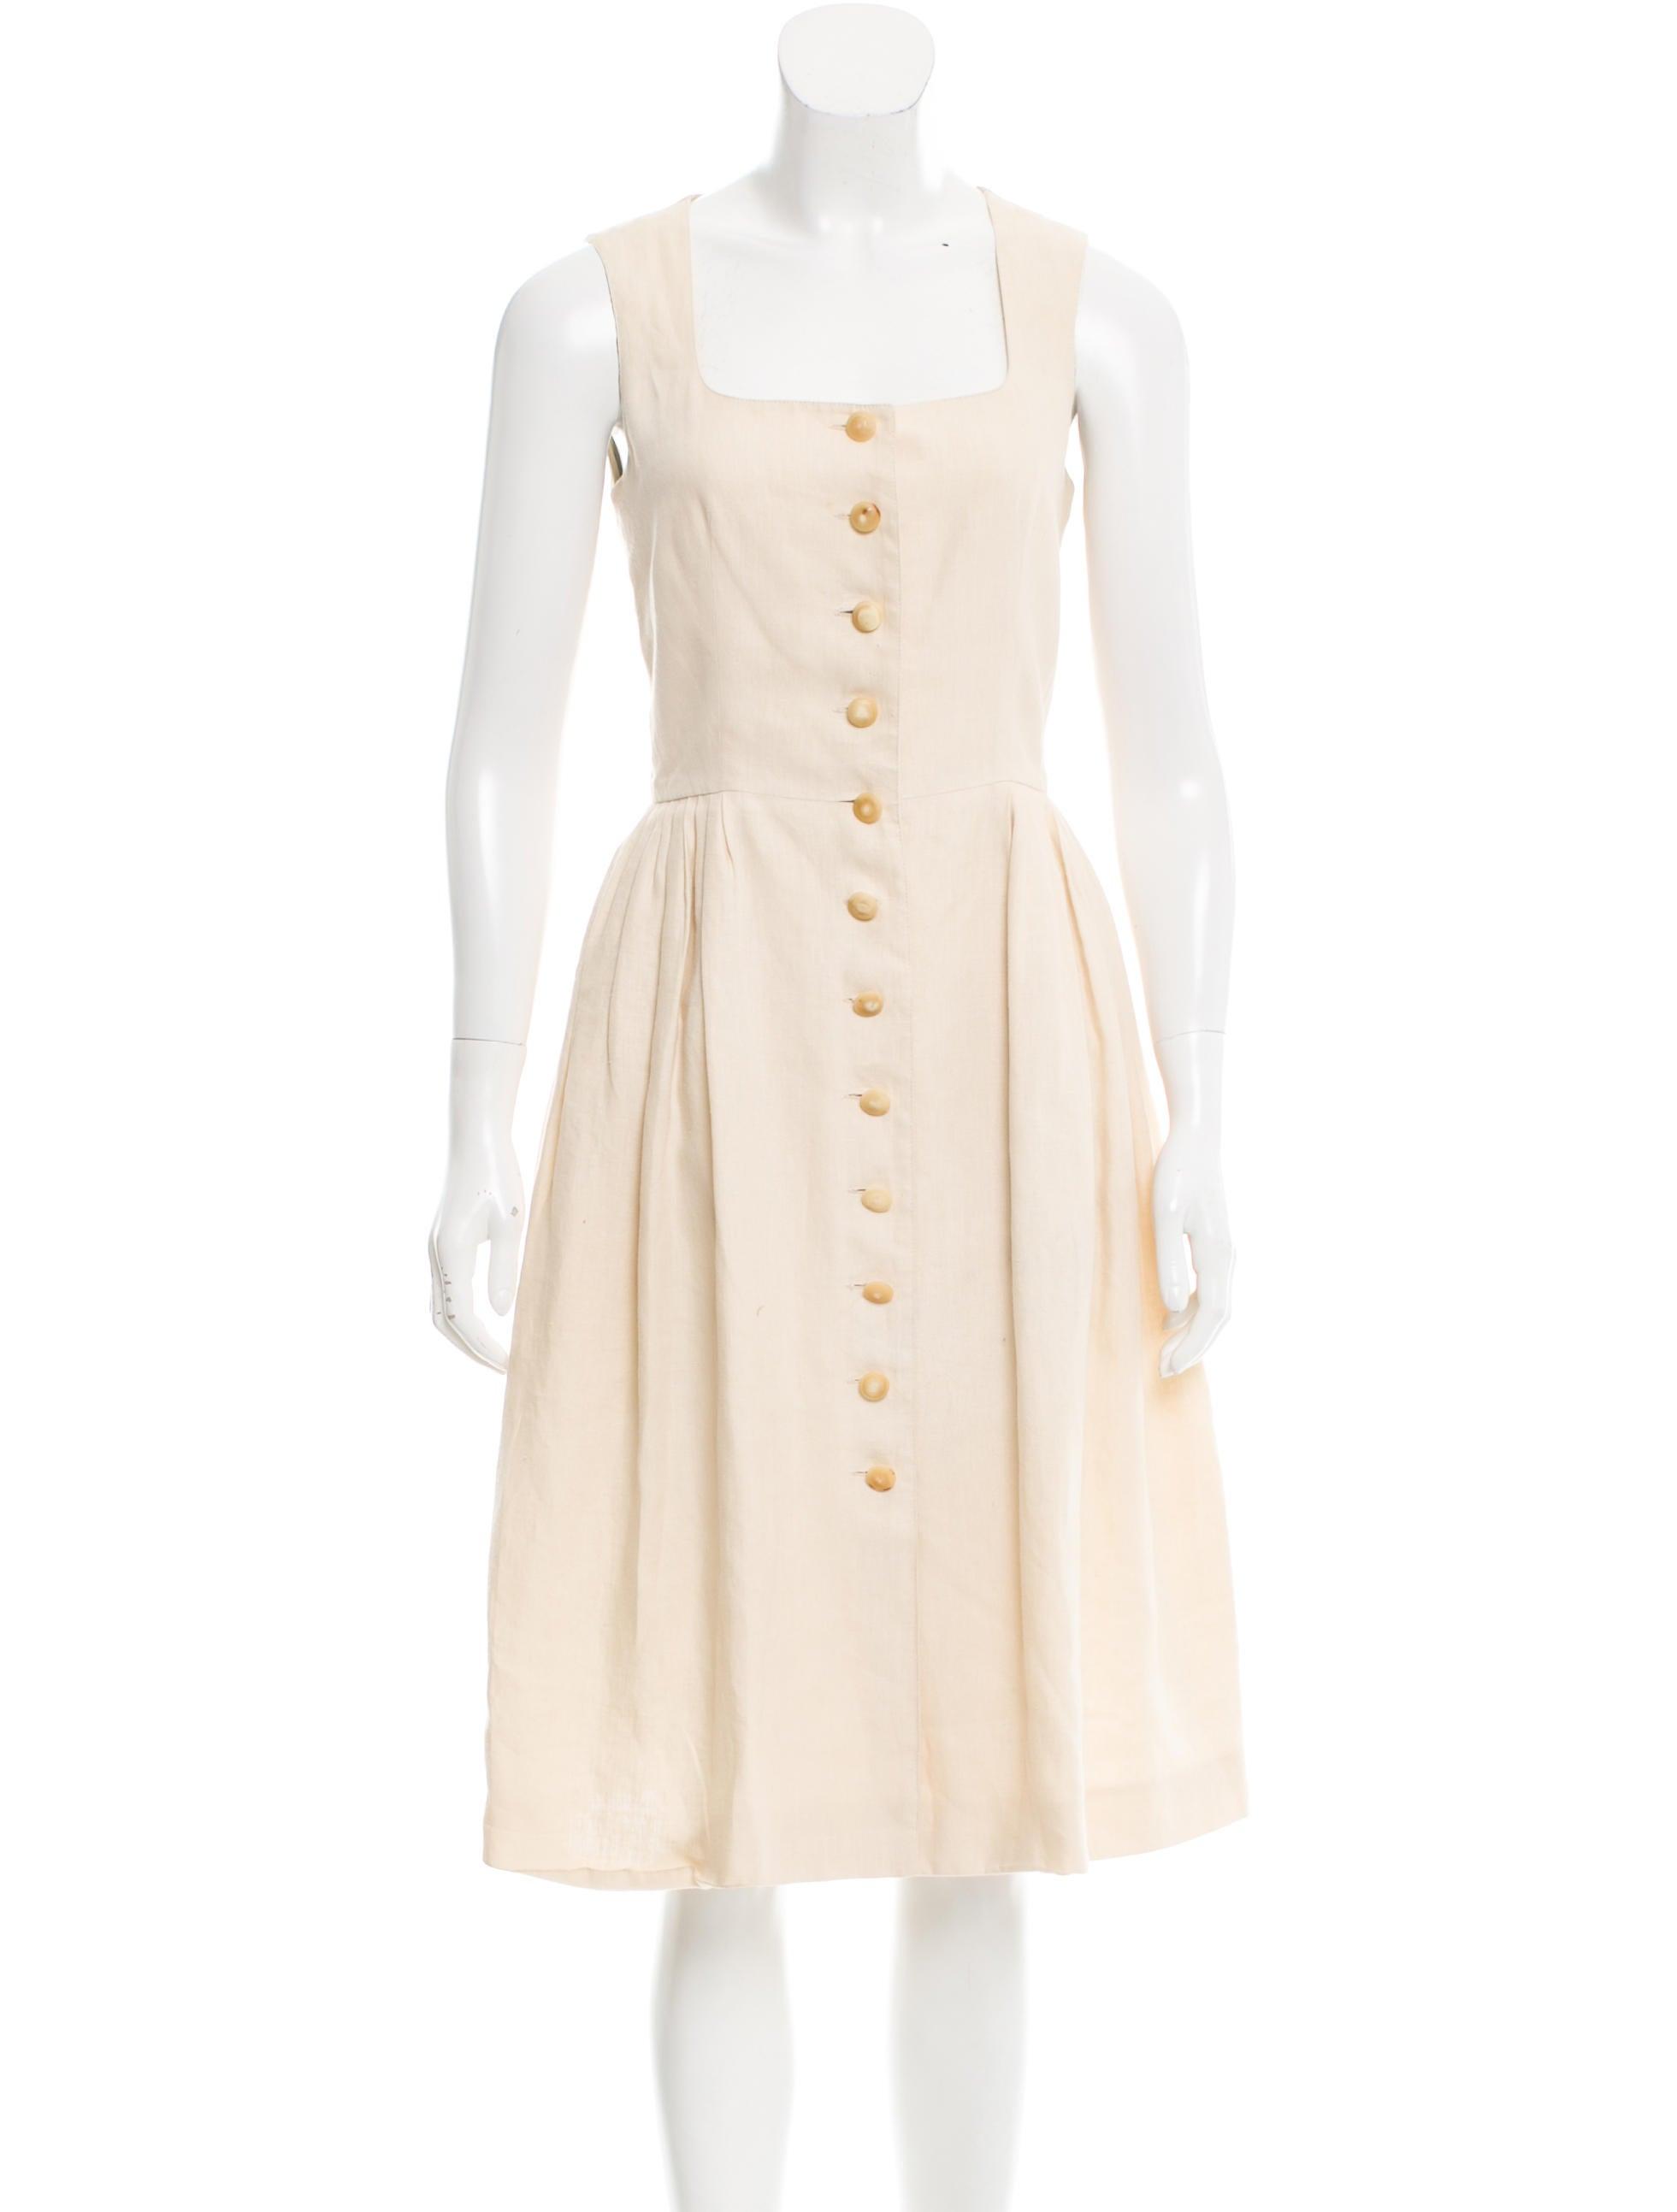 Linen Look Women S Clothing